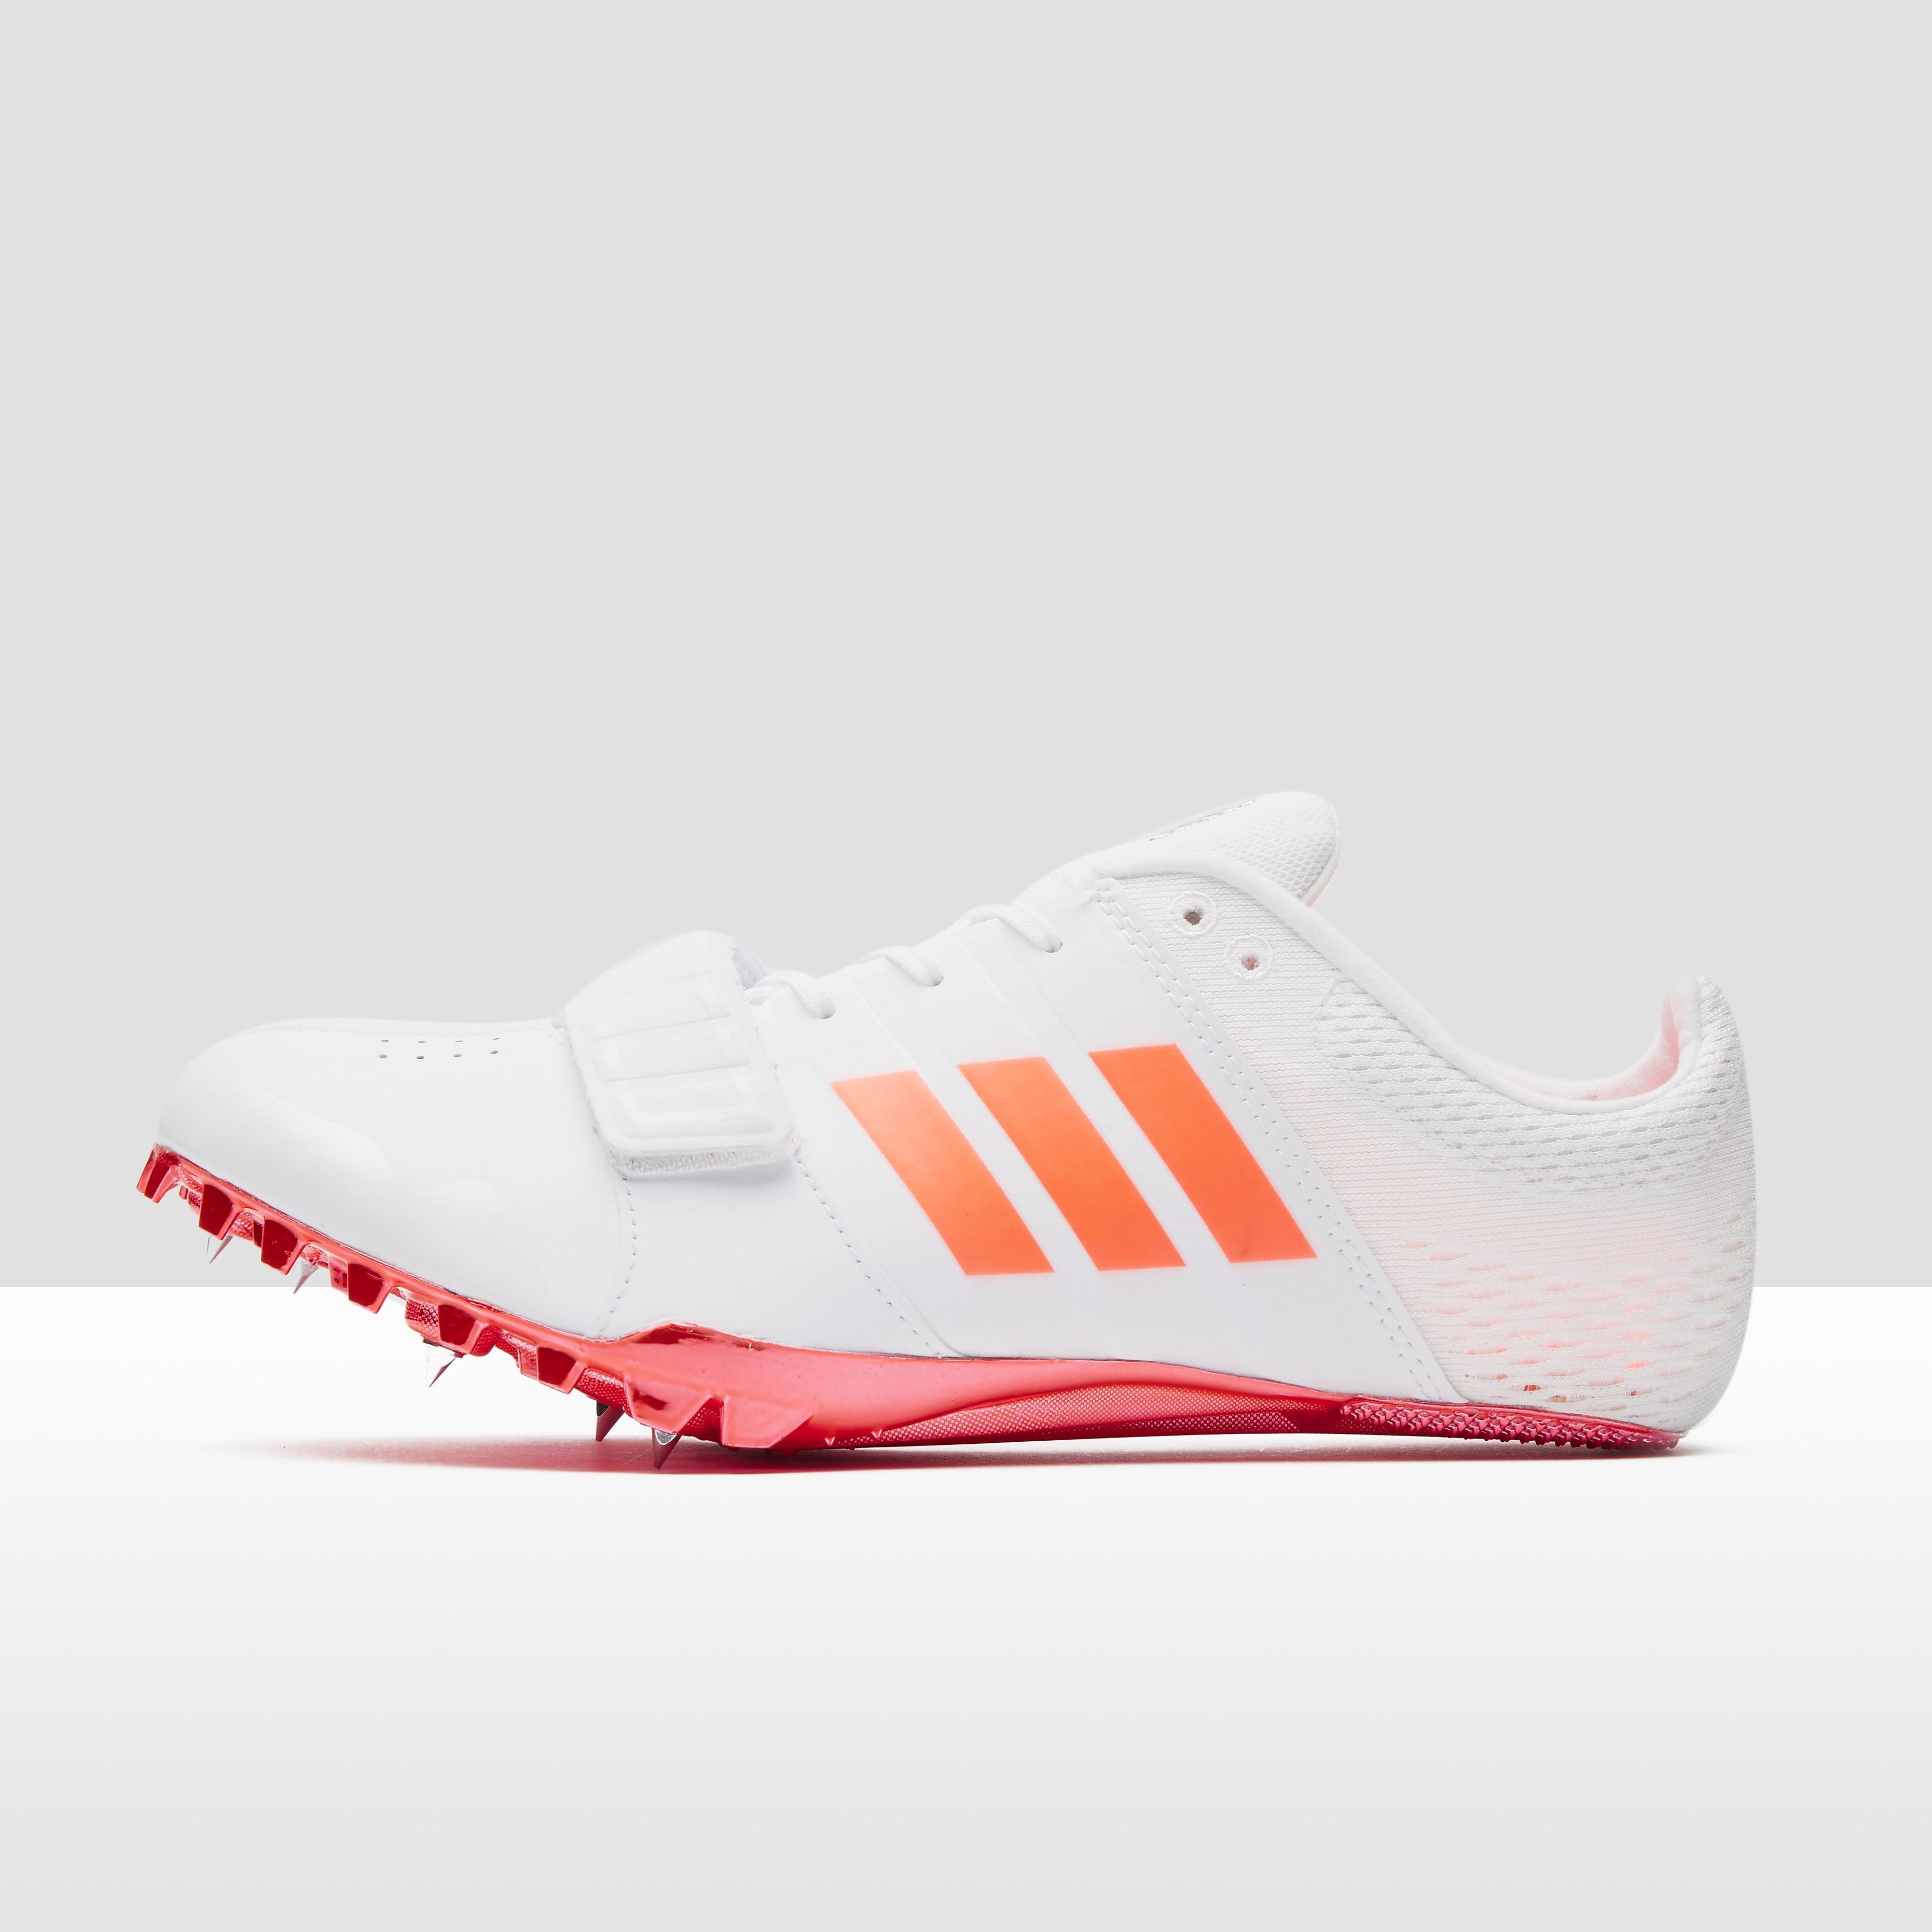 adidas Adizero Accelerator Men's Running Spikes